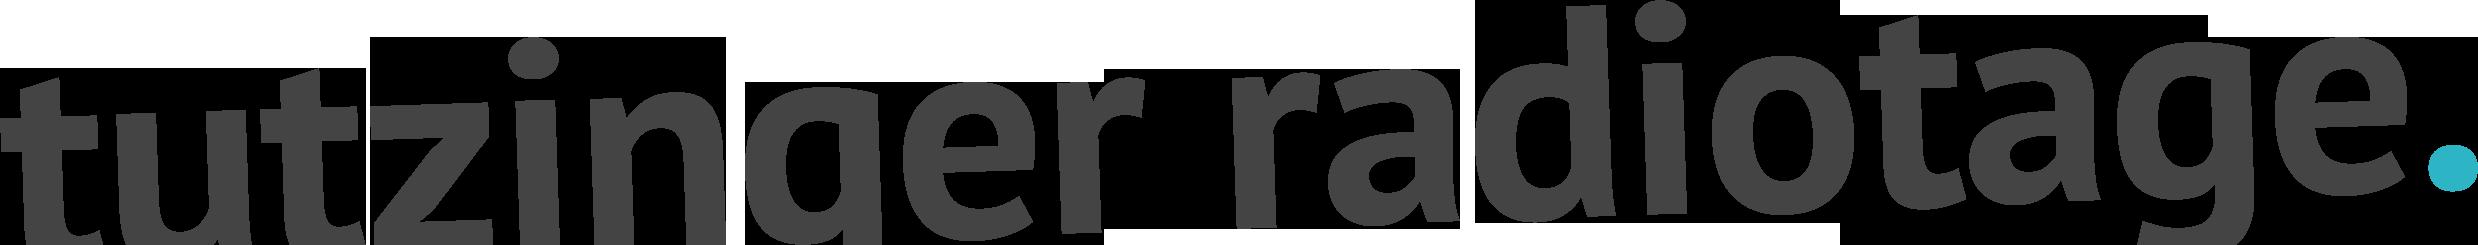 Tutzinger Radiotage 2018 » Was Framing mit dem Vorrunden-Aus bei der ...